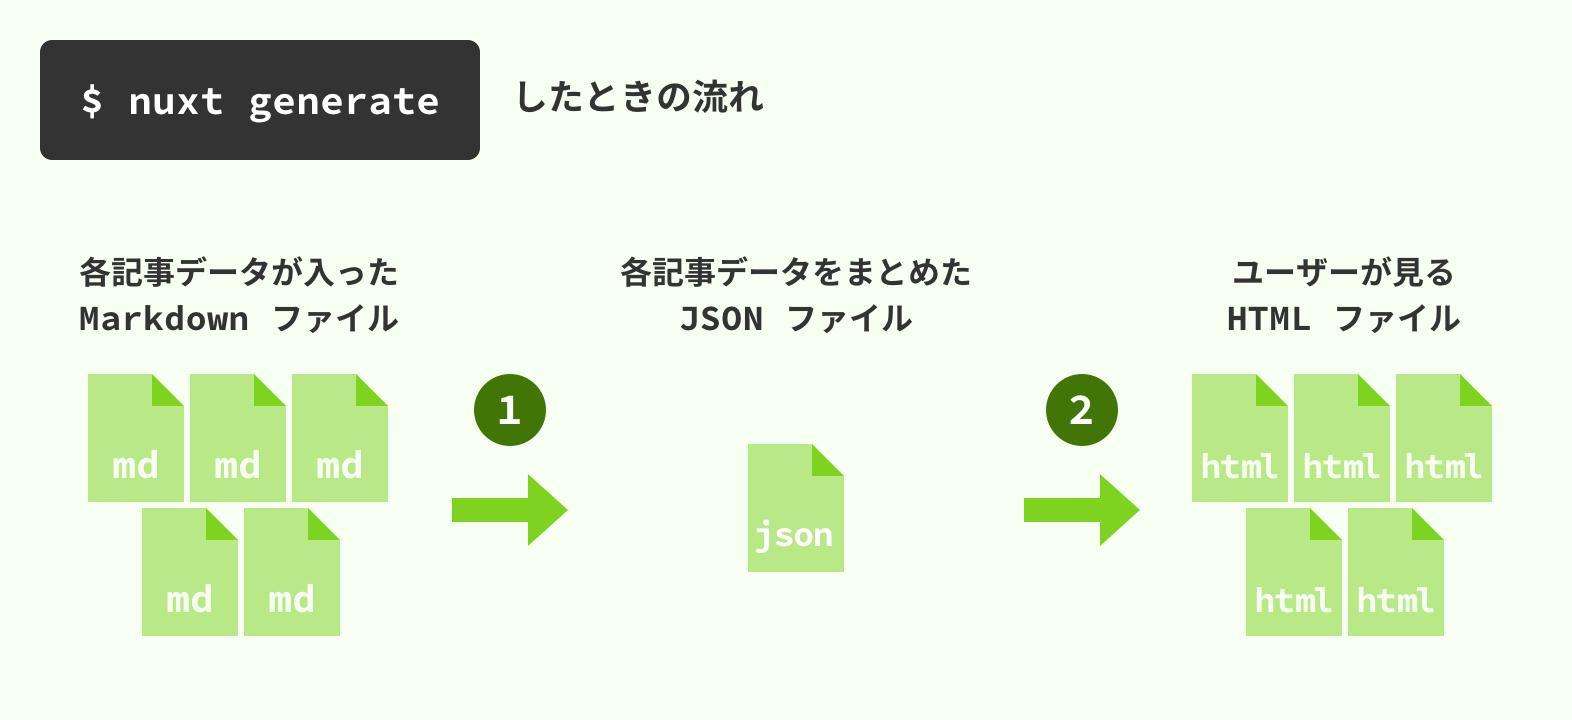 Nuxt js の静的生成で作ったブログに RSS2 0 を生やす方法 - Qiita